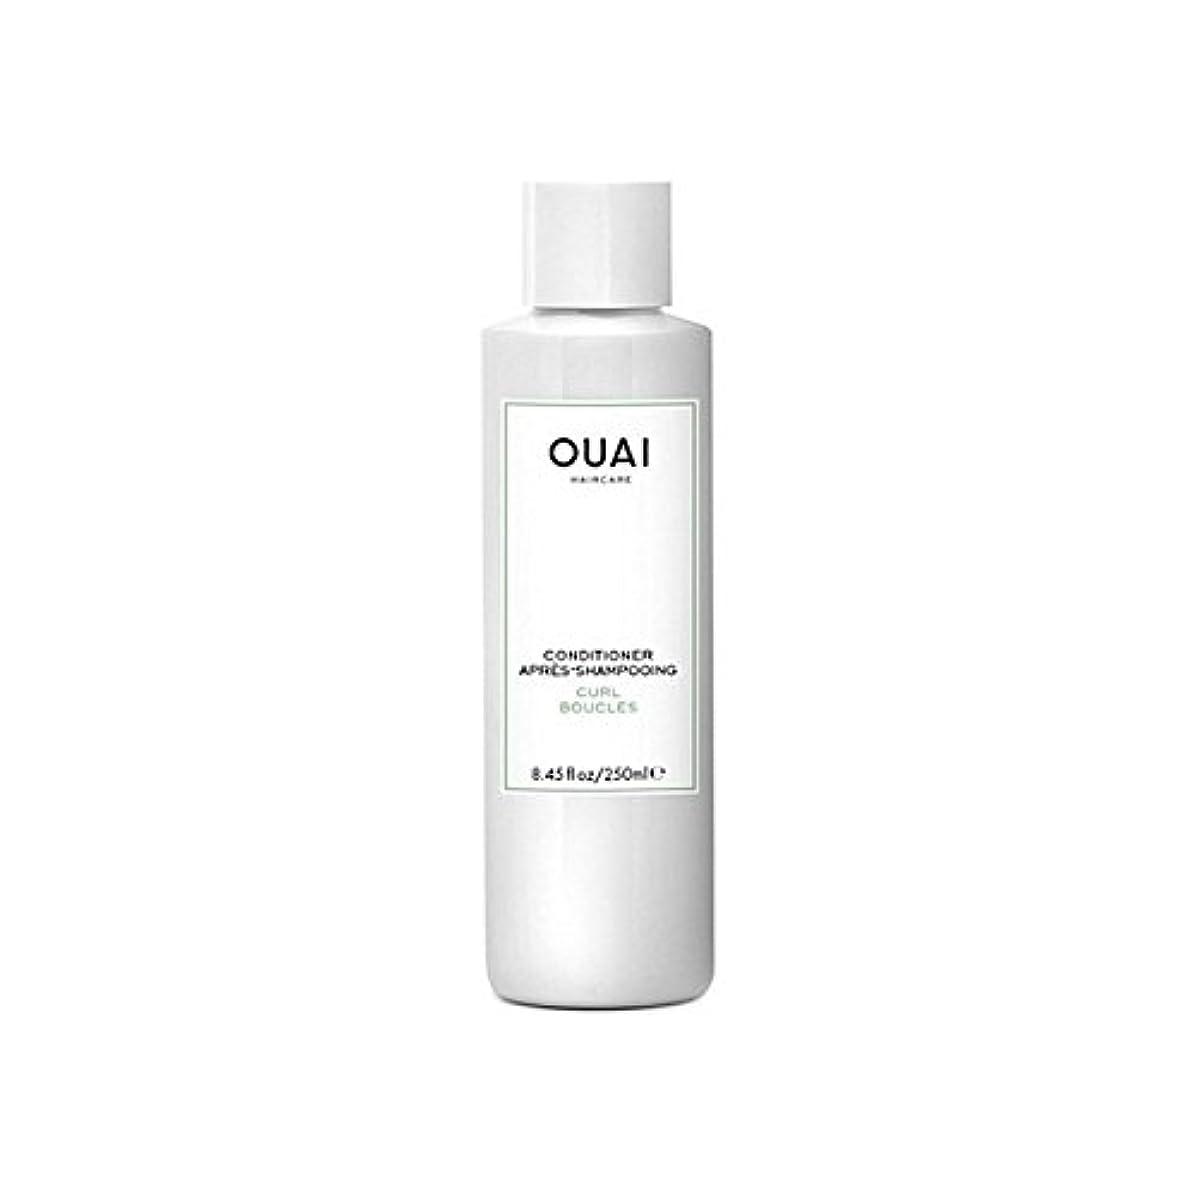 マニュアルターゲット葬儀Ouai Curl Conditioner 250ml (Pack of 6) - カールコンディショナー250 x6 [並行輸入品]